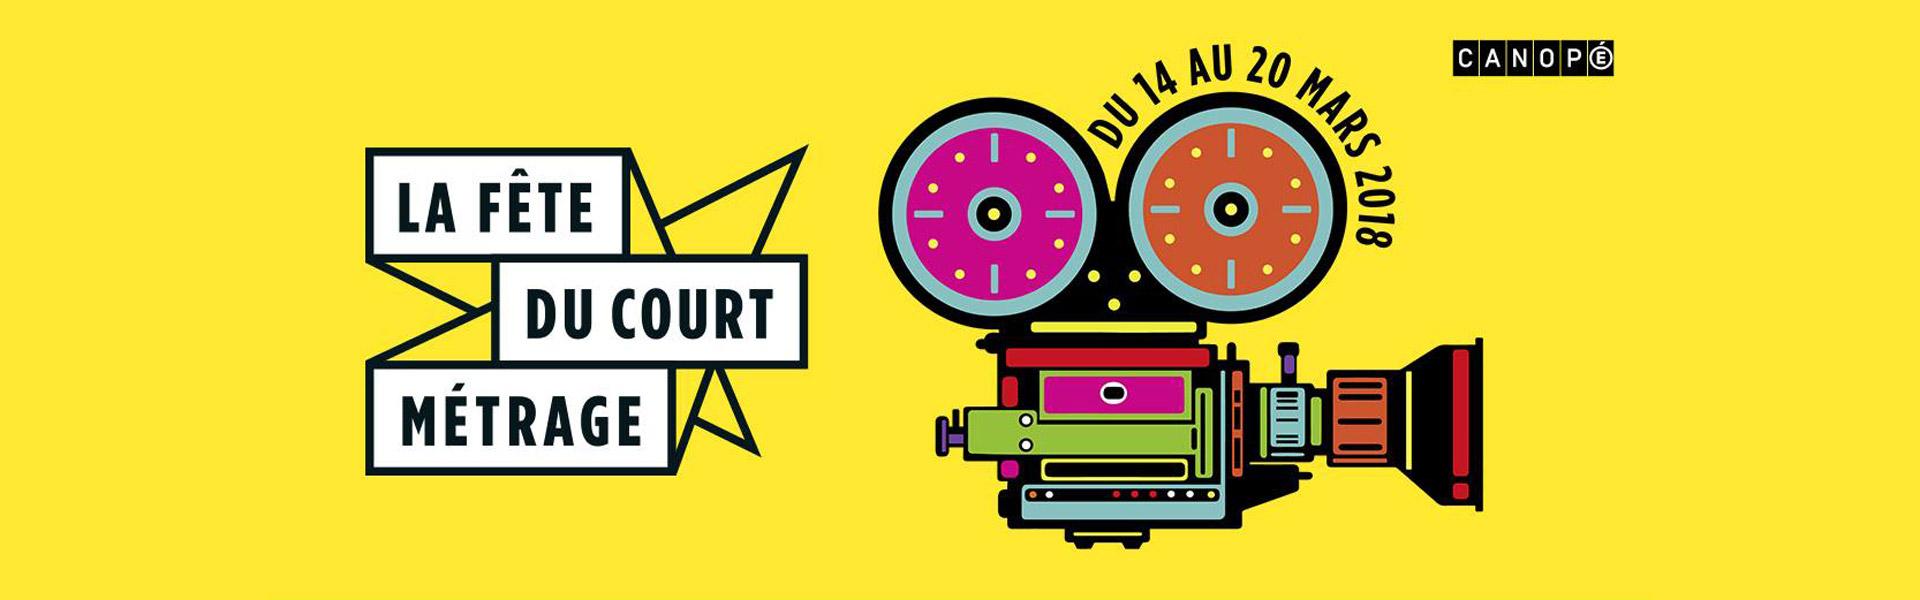 fete-du-court-metrage2018-couv